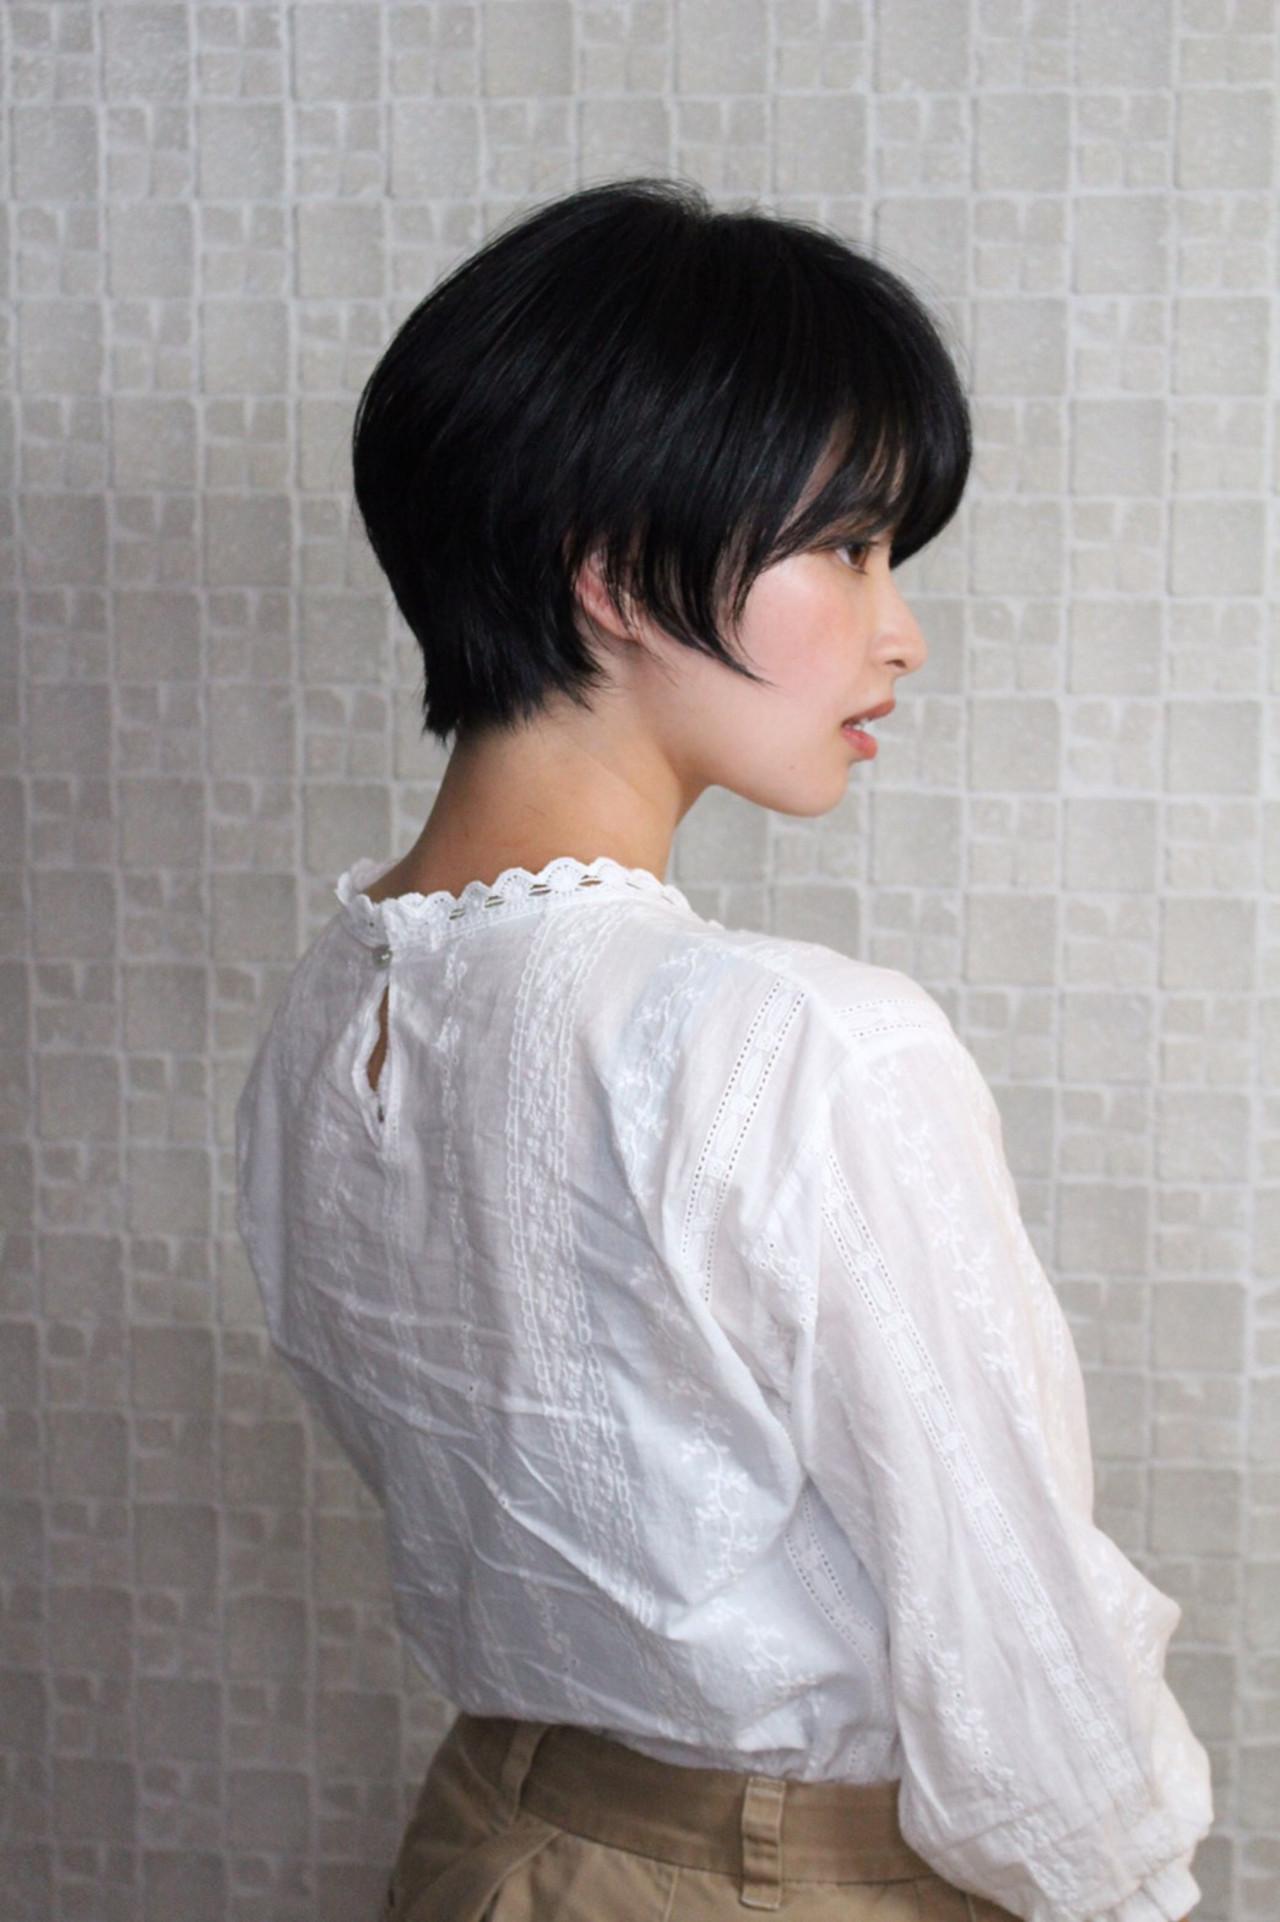 ナチュラル 黒髪 前髪 就活 ヘアスタイルや髪型の写真・画像